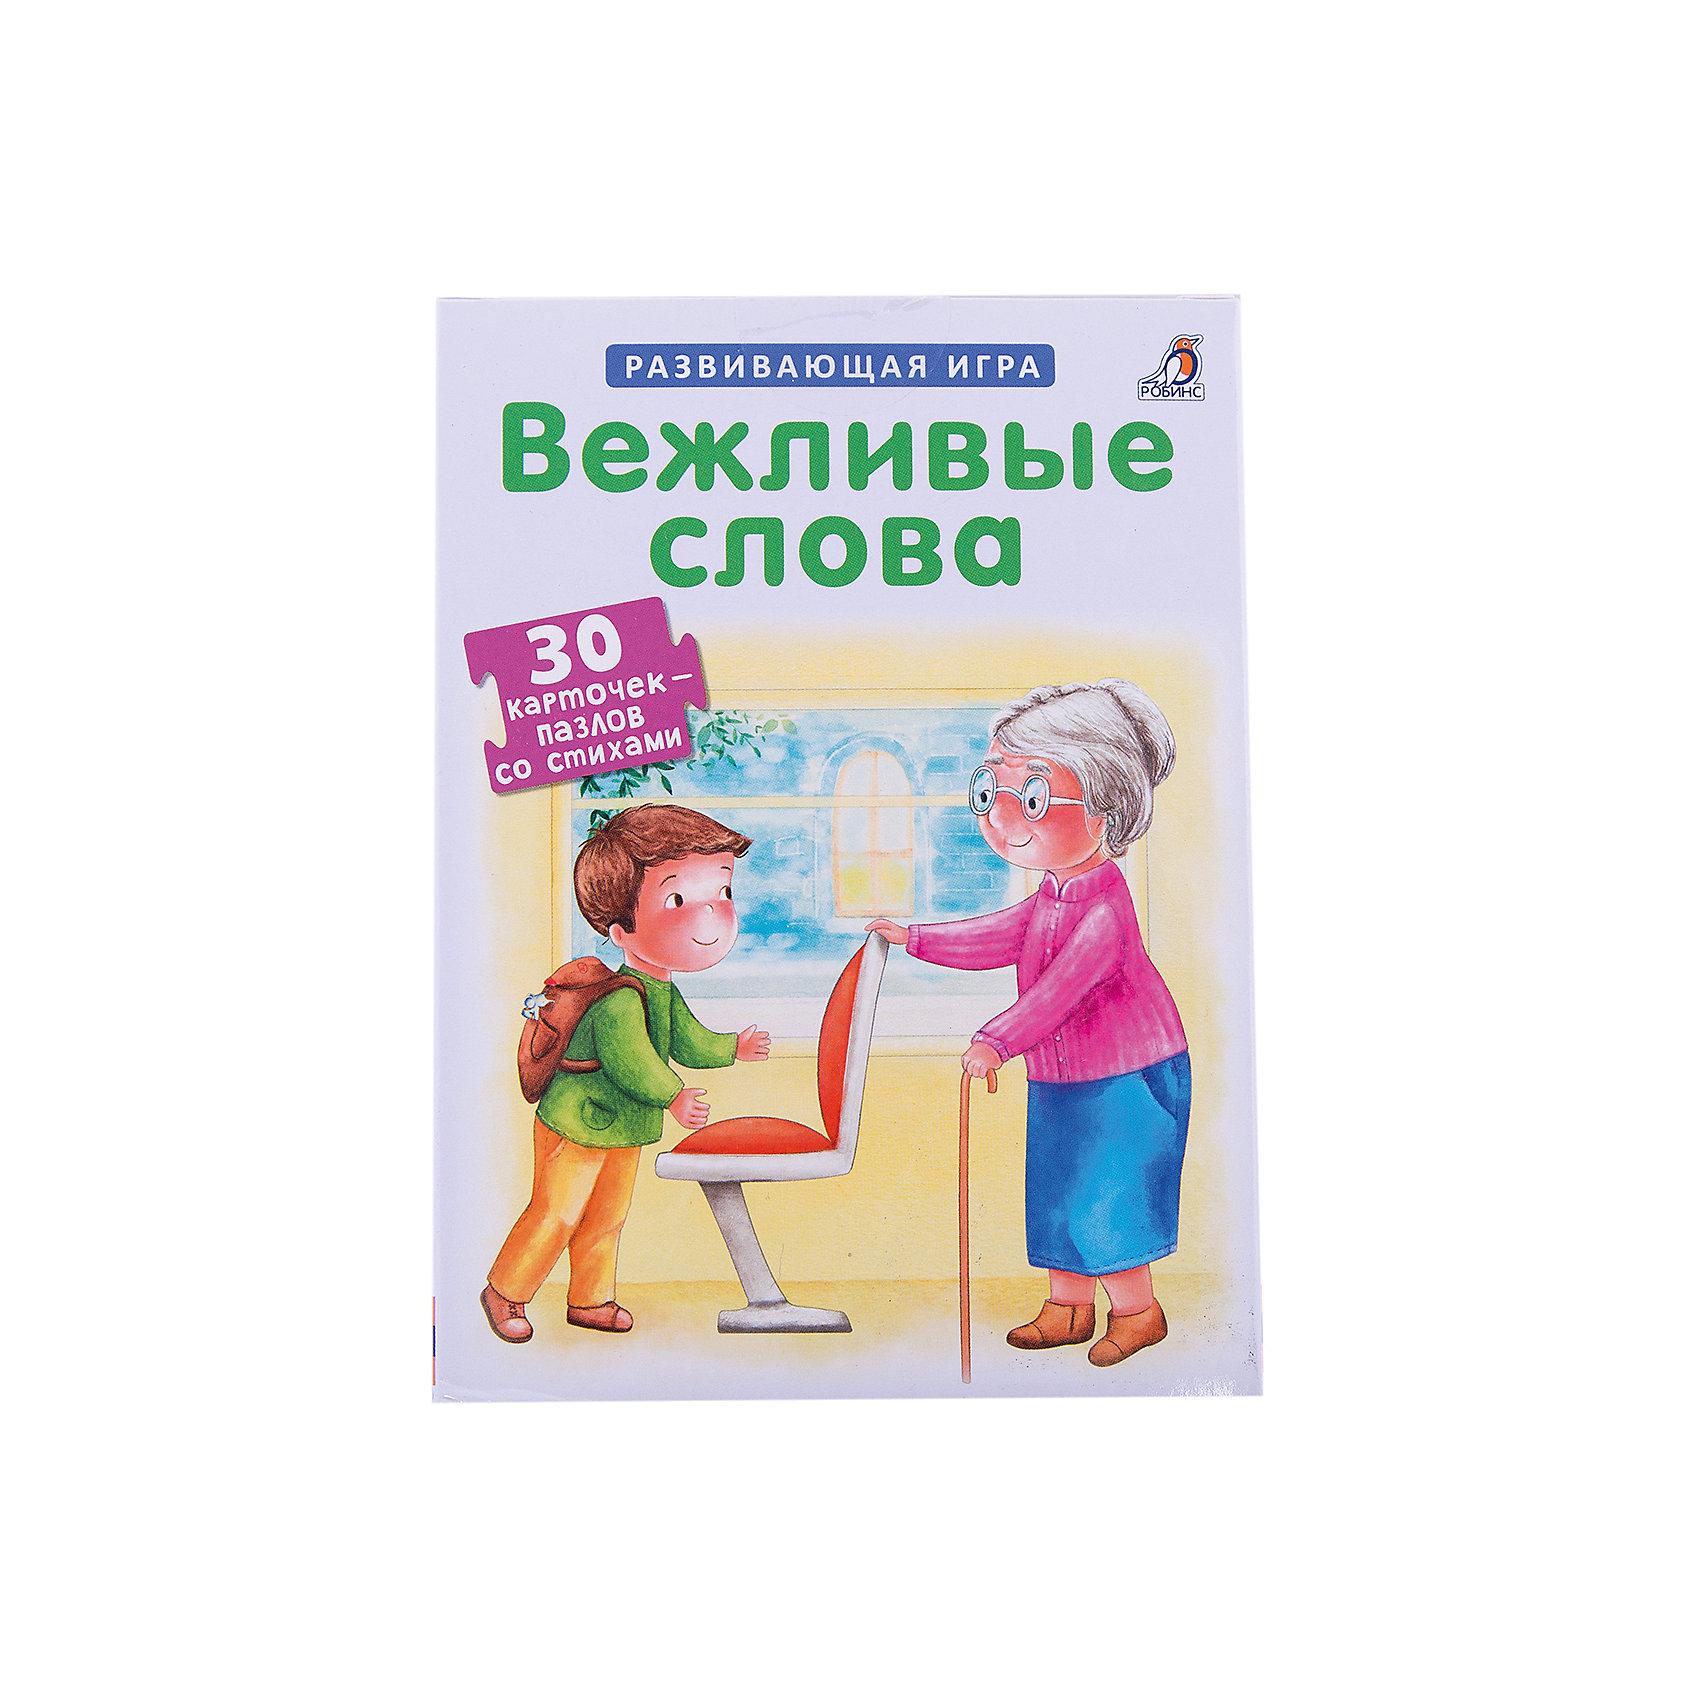 Карточки-пазлы Вежливые словаРазвивающая игра Вежливые слова в карточках-пазлах!<br><br>Как научить ребенка правилам хорошего тона? Как заботиться о ближних и соблюдать чистоту? Зачем благодарить и защищать слабых? С такими карточками он узнает, какие вежливые слова надо говорить и как вести себя в разных ситуациях. <br><br>В чем особенность?<br><br>В наборе 30 двухсторонних карточек из плотного картона, описывающих ситуации, в которые каждый малыш попадает ежедневно. <br>На одной стороне карточки картинка, на другой стихотворение и вопросы по этой картинке.<br>Такие задания развивают способность понимать собственные и чужие эмоциональные состояния, мотивы поступков и намерения.<br><br>Пример того, как можно использовать карточки, попросив малыша:<br>Выложить все картинки, на которых дети расстроены и плачут<br>Найти и выложить все картинки, на которых дети помогают кому-то!<br>Найти и выложить картинки, на которых дети поступают неправильно<br>Найти картинки, на которых дети защищают кого-то<br>Карточки подходят как для индивидуальной игры, так и для групповых игровых занятий в детских дошкольных учреждениях!<br><br>Ширина мм: 113<br>Глубина мм: 153<br>Высота мм: 370<br>Вес г: 380<br>Возраст от месяцев: 36<br>Возраст до месяцев: 2147483647<br>Пол: Унисекс<br>Возраст: Детский<br>SKU: 5507255